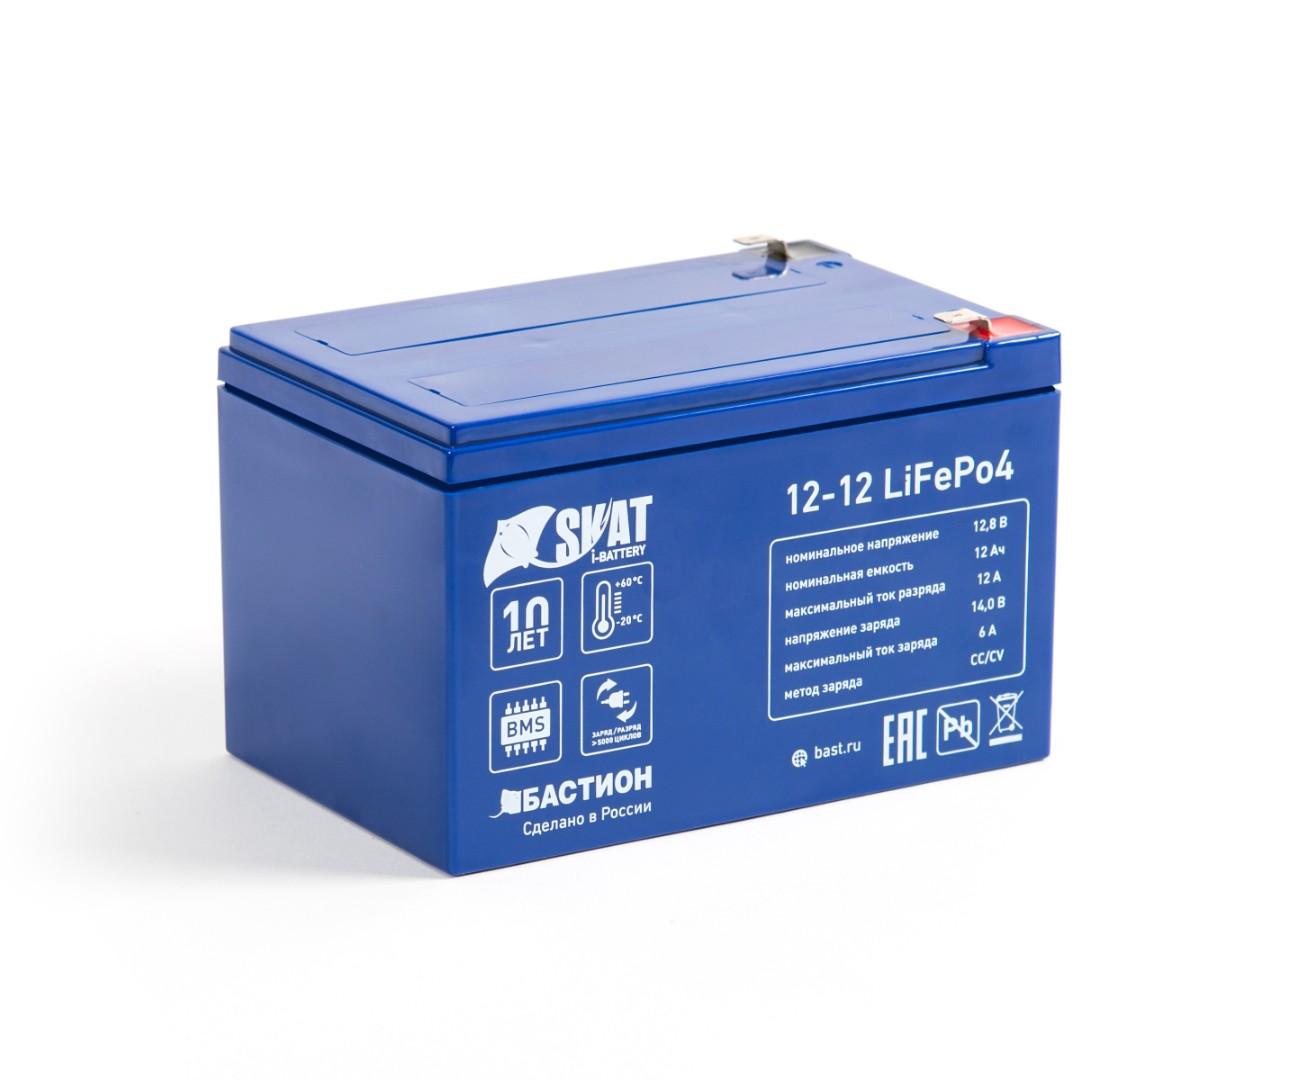 Skat i-Battery 12-12 LiFePo4